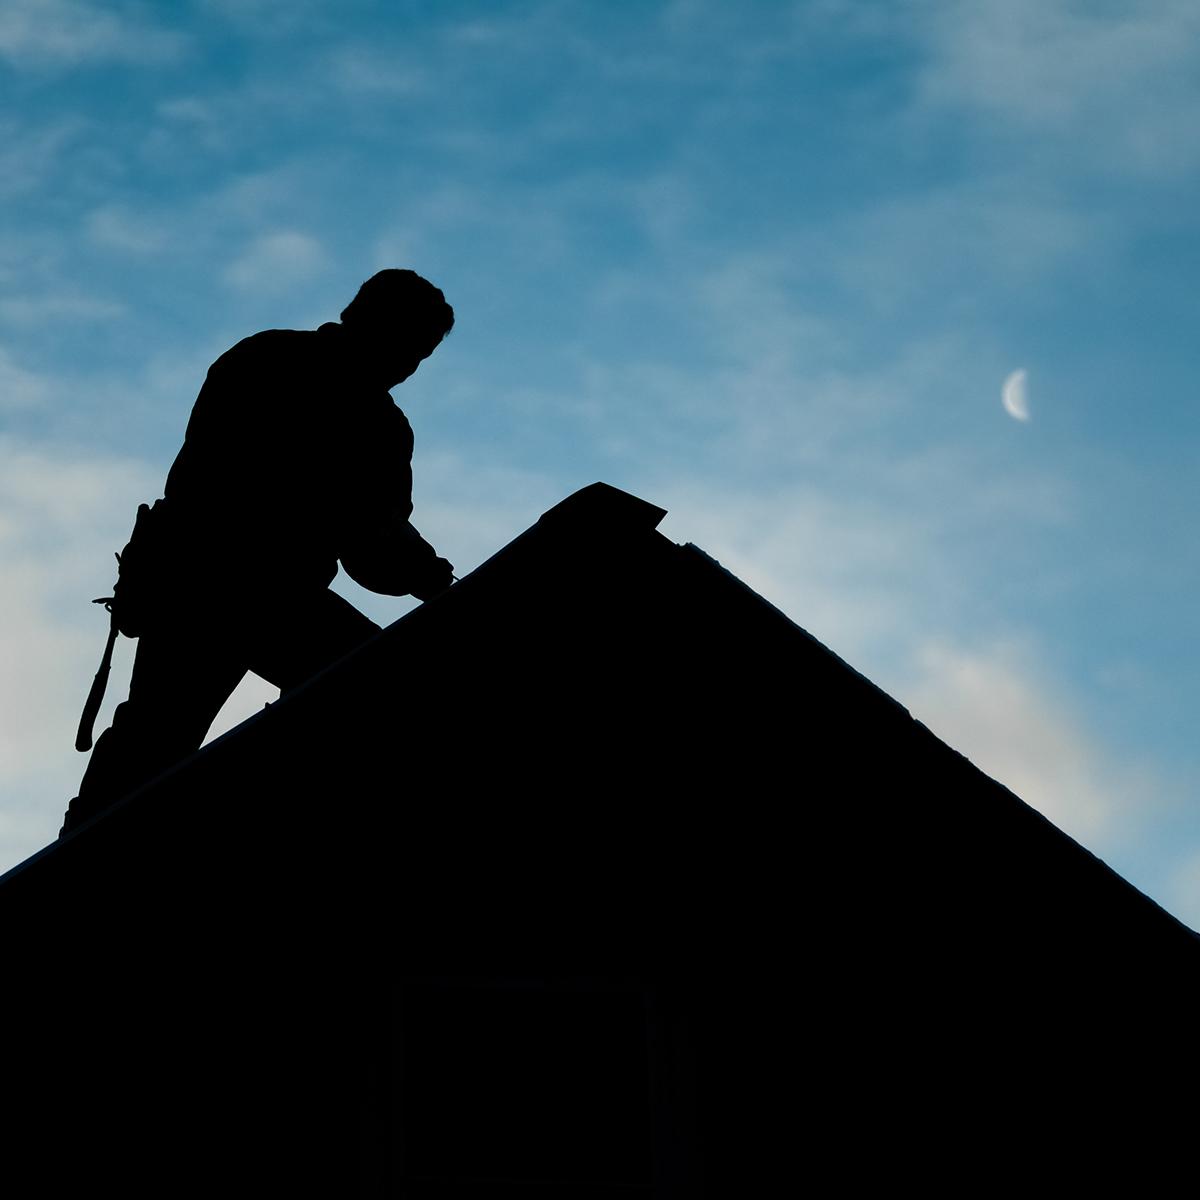 Reparación de tejados y cubiertas en Colmenar Viejo, Madrid